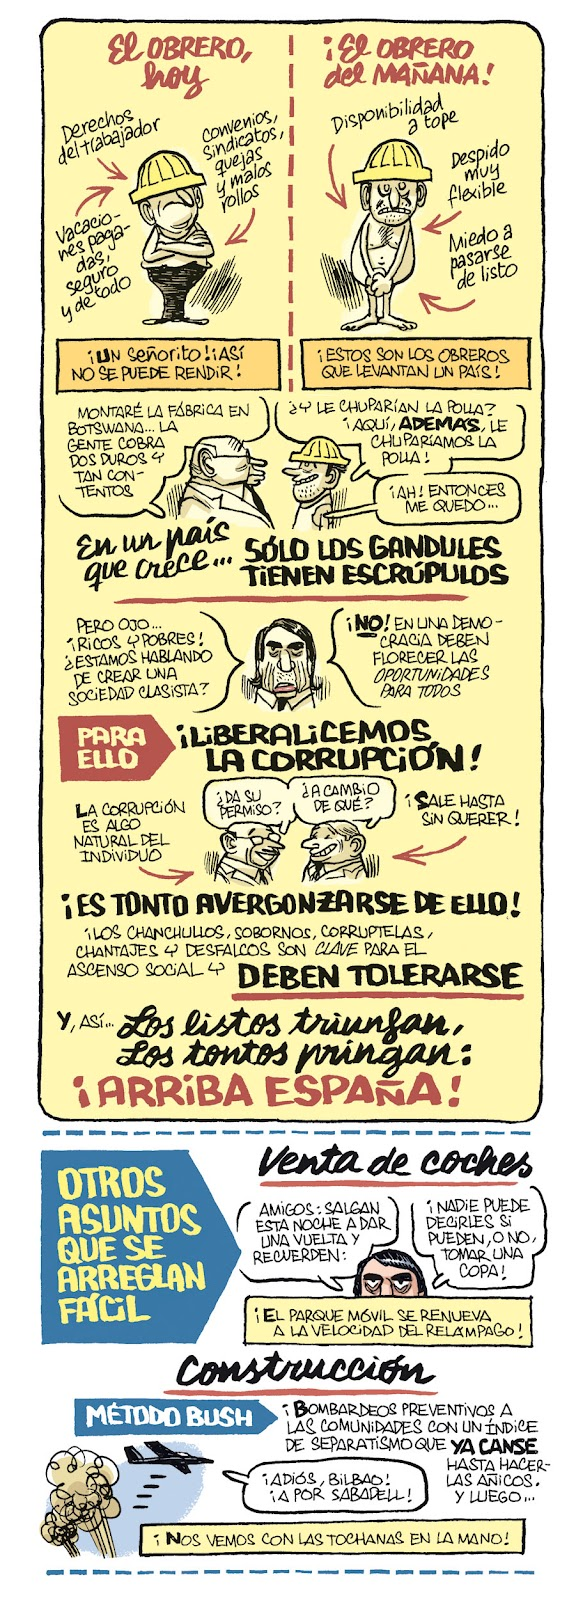 La solución de la crisis segun Aznar AznarImpe3